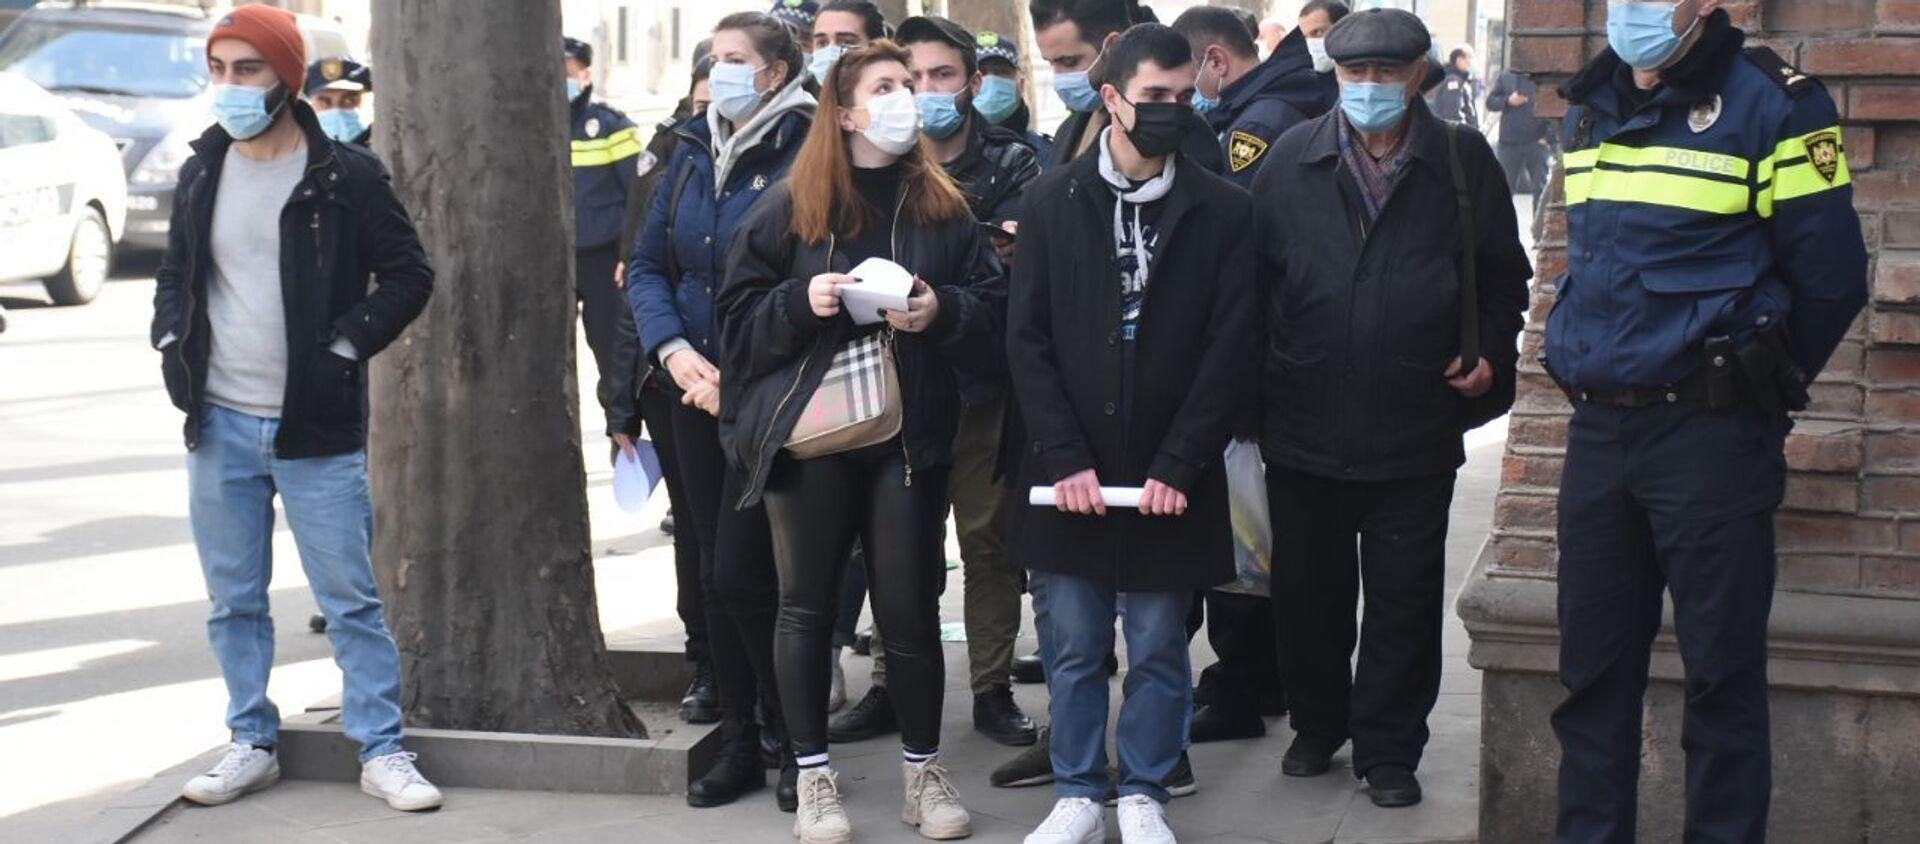 Представители молодежных организаций оппозиционных партий и гражданского сектора требуют решить проблему студентов с приостановленным статусом 27 января 2021 года  - Sputnik Грузия, 1920, 02.02.2021